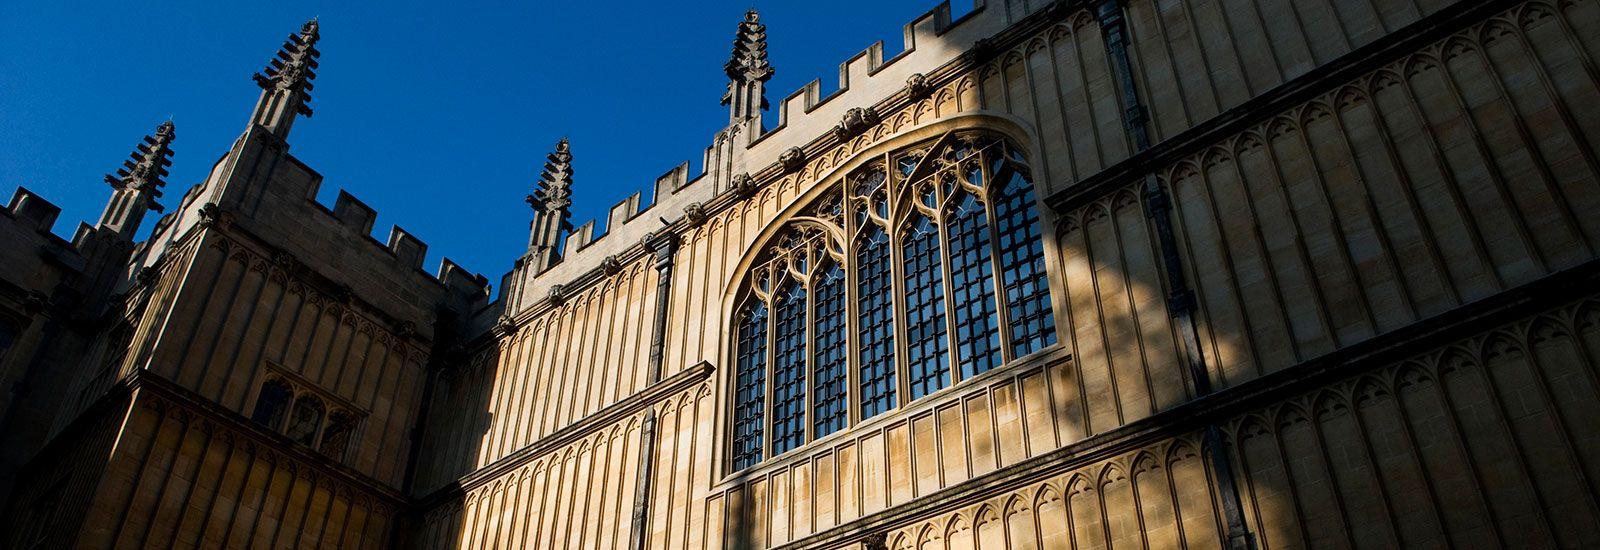 Bodleian facade